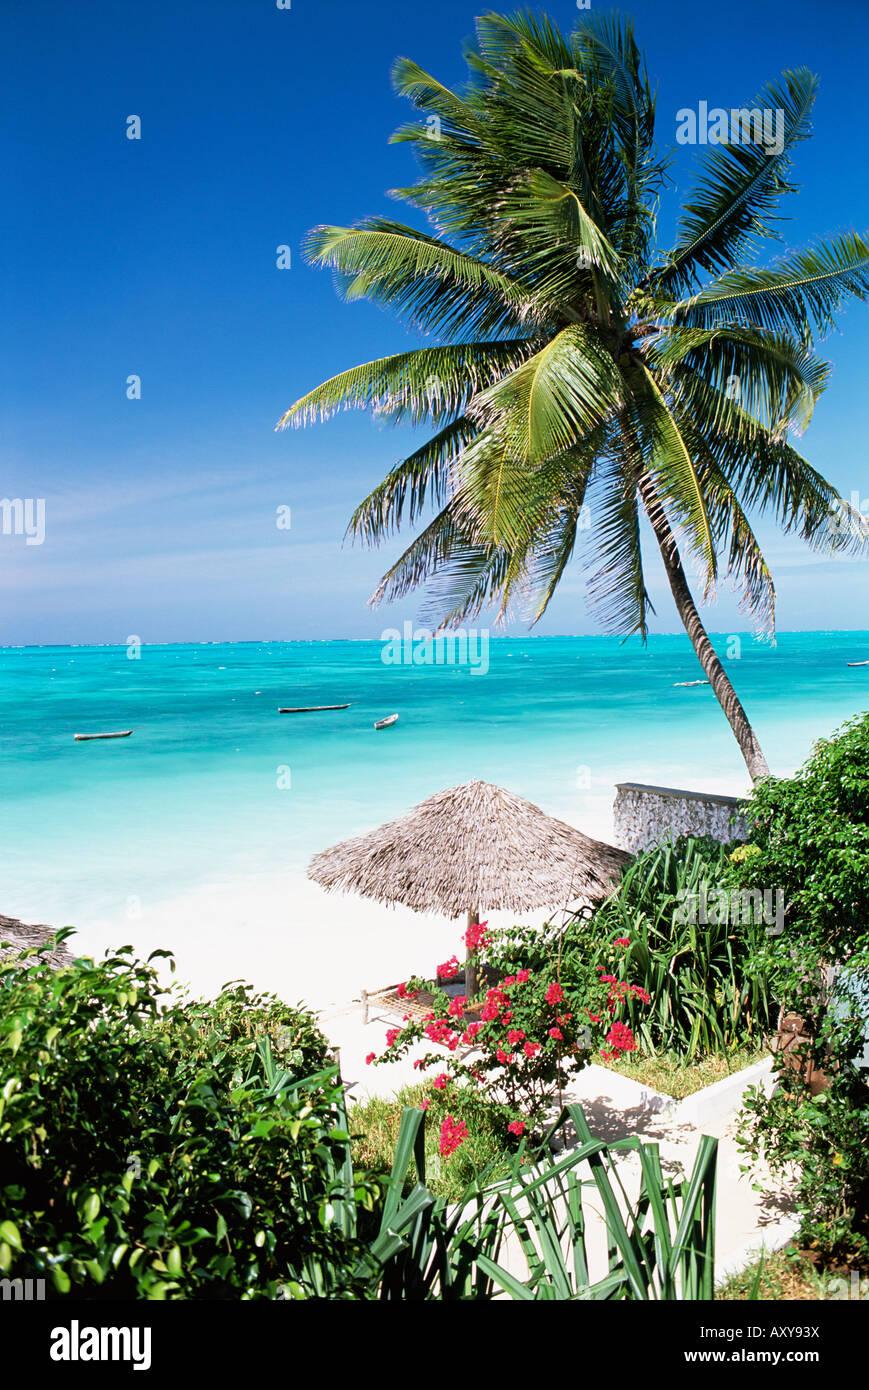 Vista attraverso le palme verso la spiaggia e Oceano Indiano, Jambiani, isola di Zanzibar, Tanzania, Africa orientale, Immagini Stock